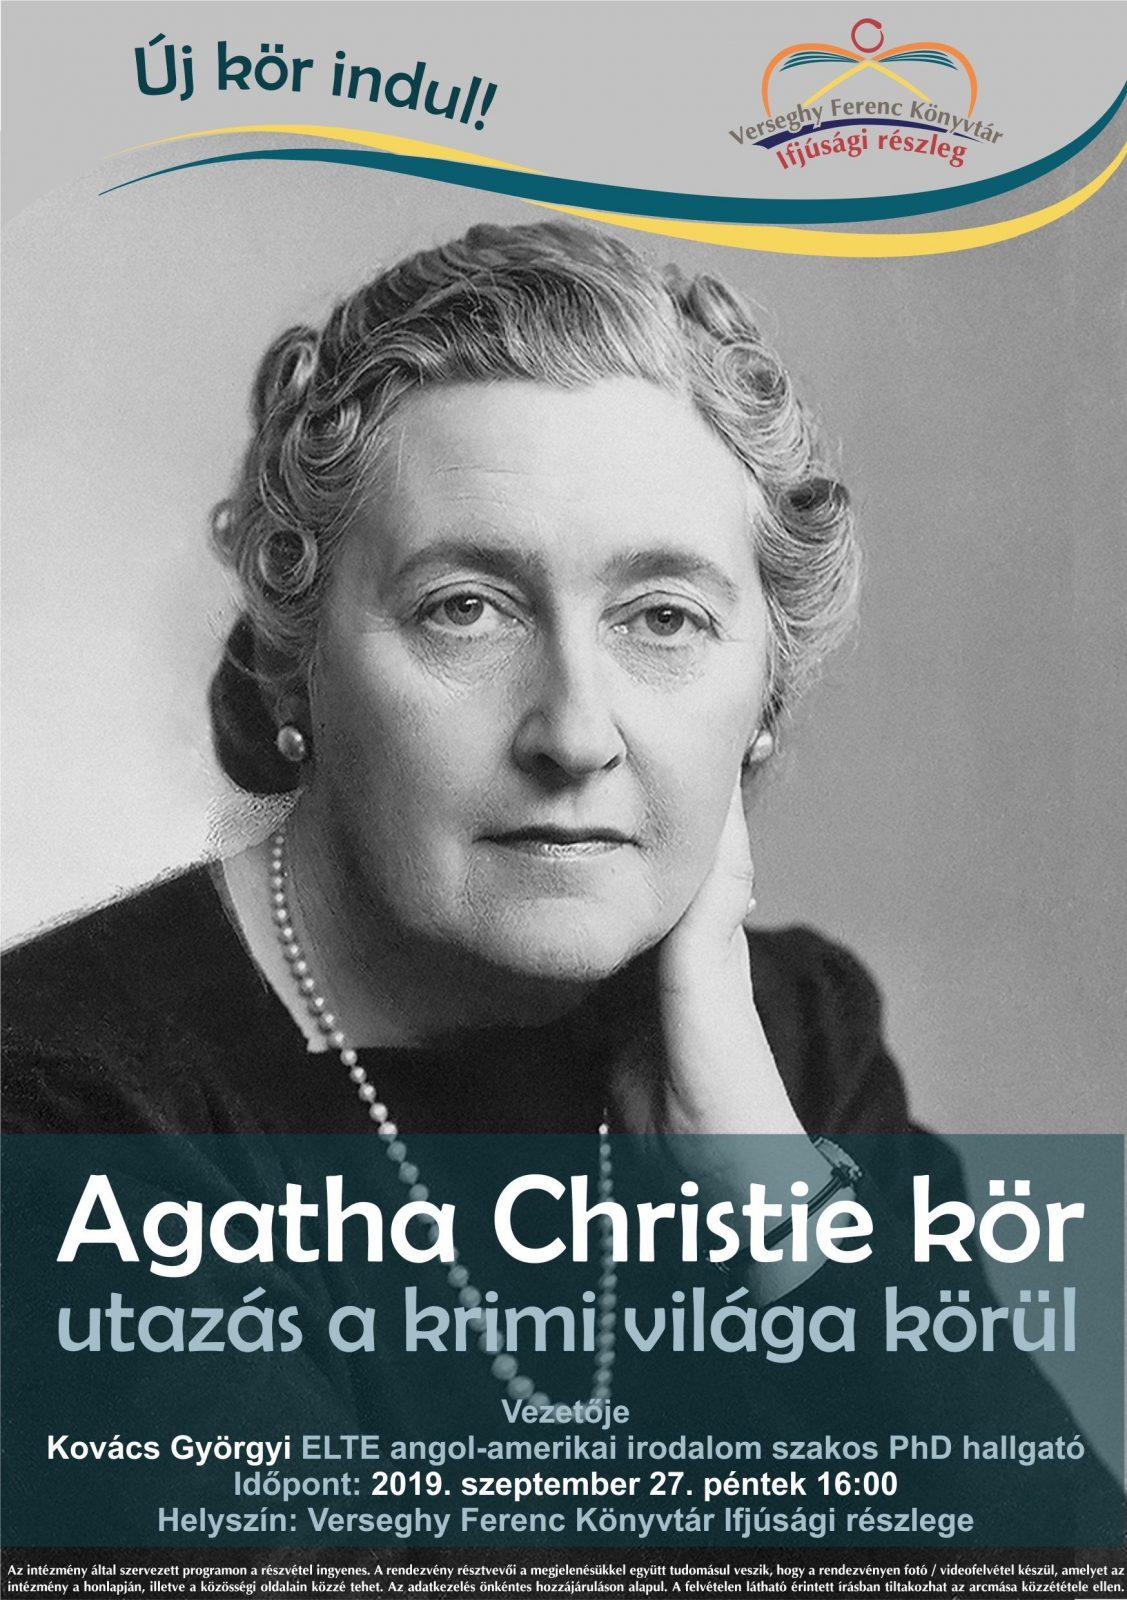 2019.09.27 Agatha Christie kör. Plakát